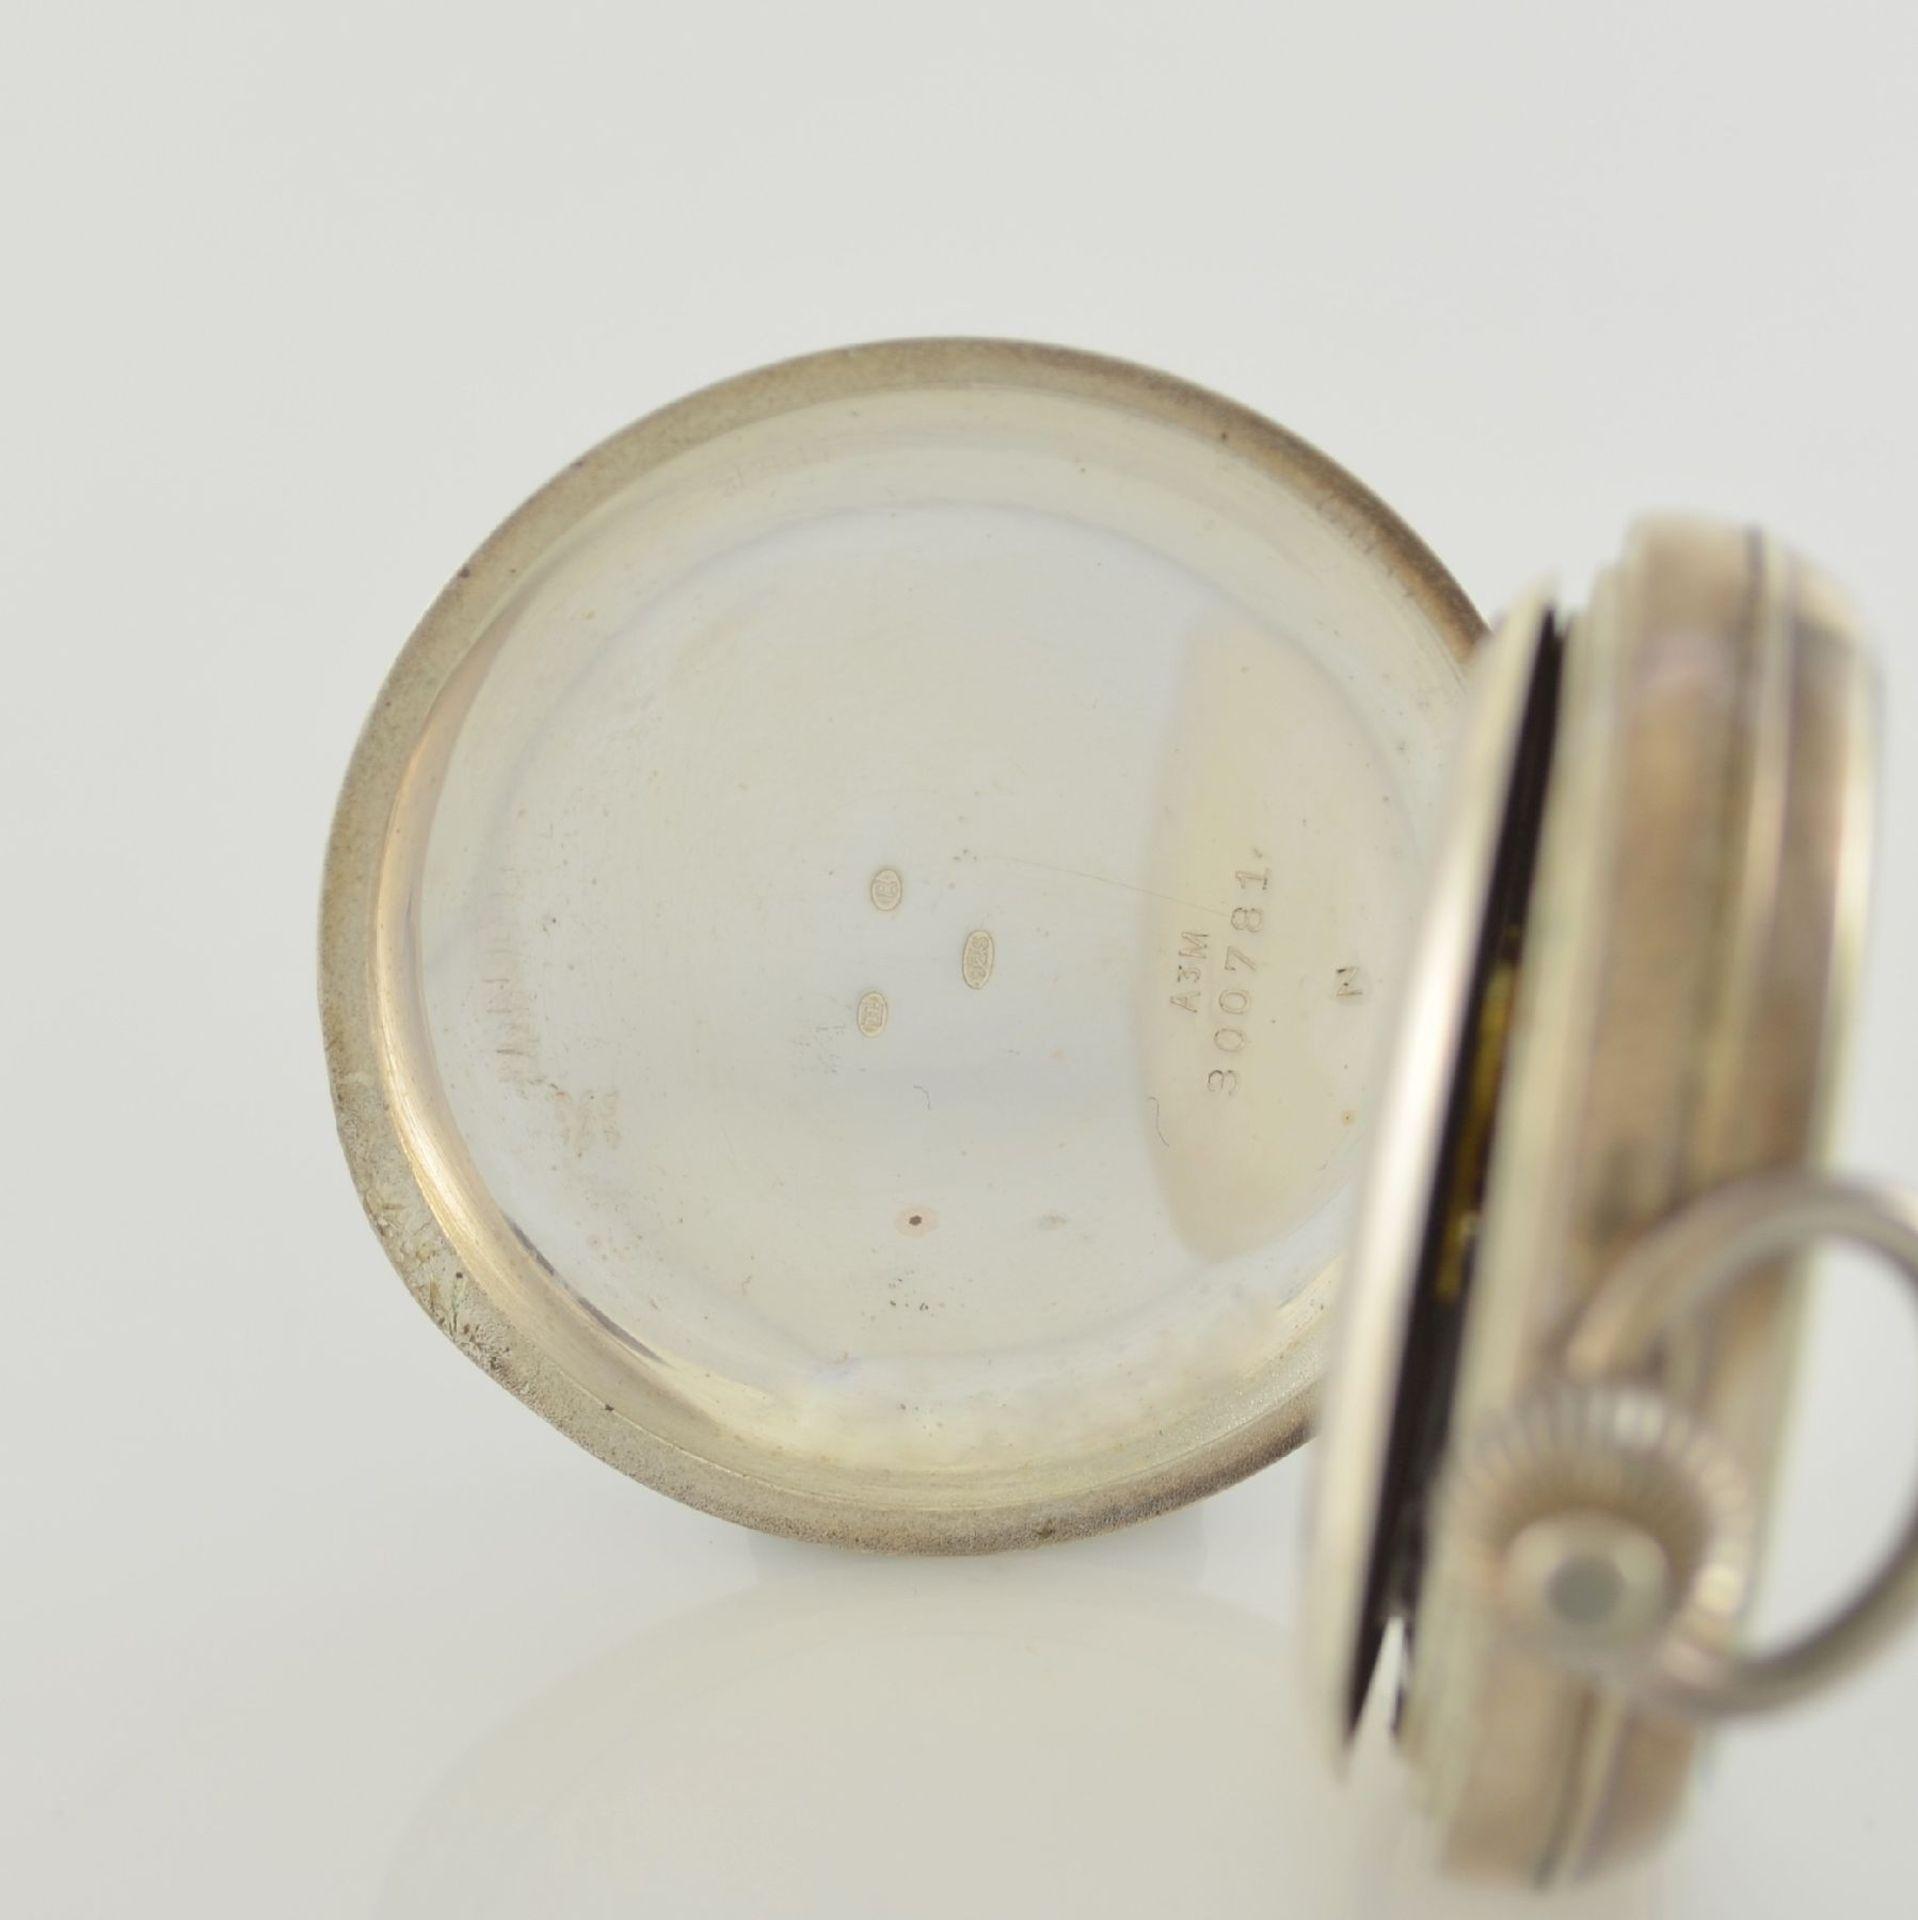 Offene Herrentaschenuhr mit Chronograph in Sterlingsilber, Schweiz um 1910, guill. Geh., aufgedr. - Bild 3 aus 7